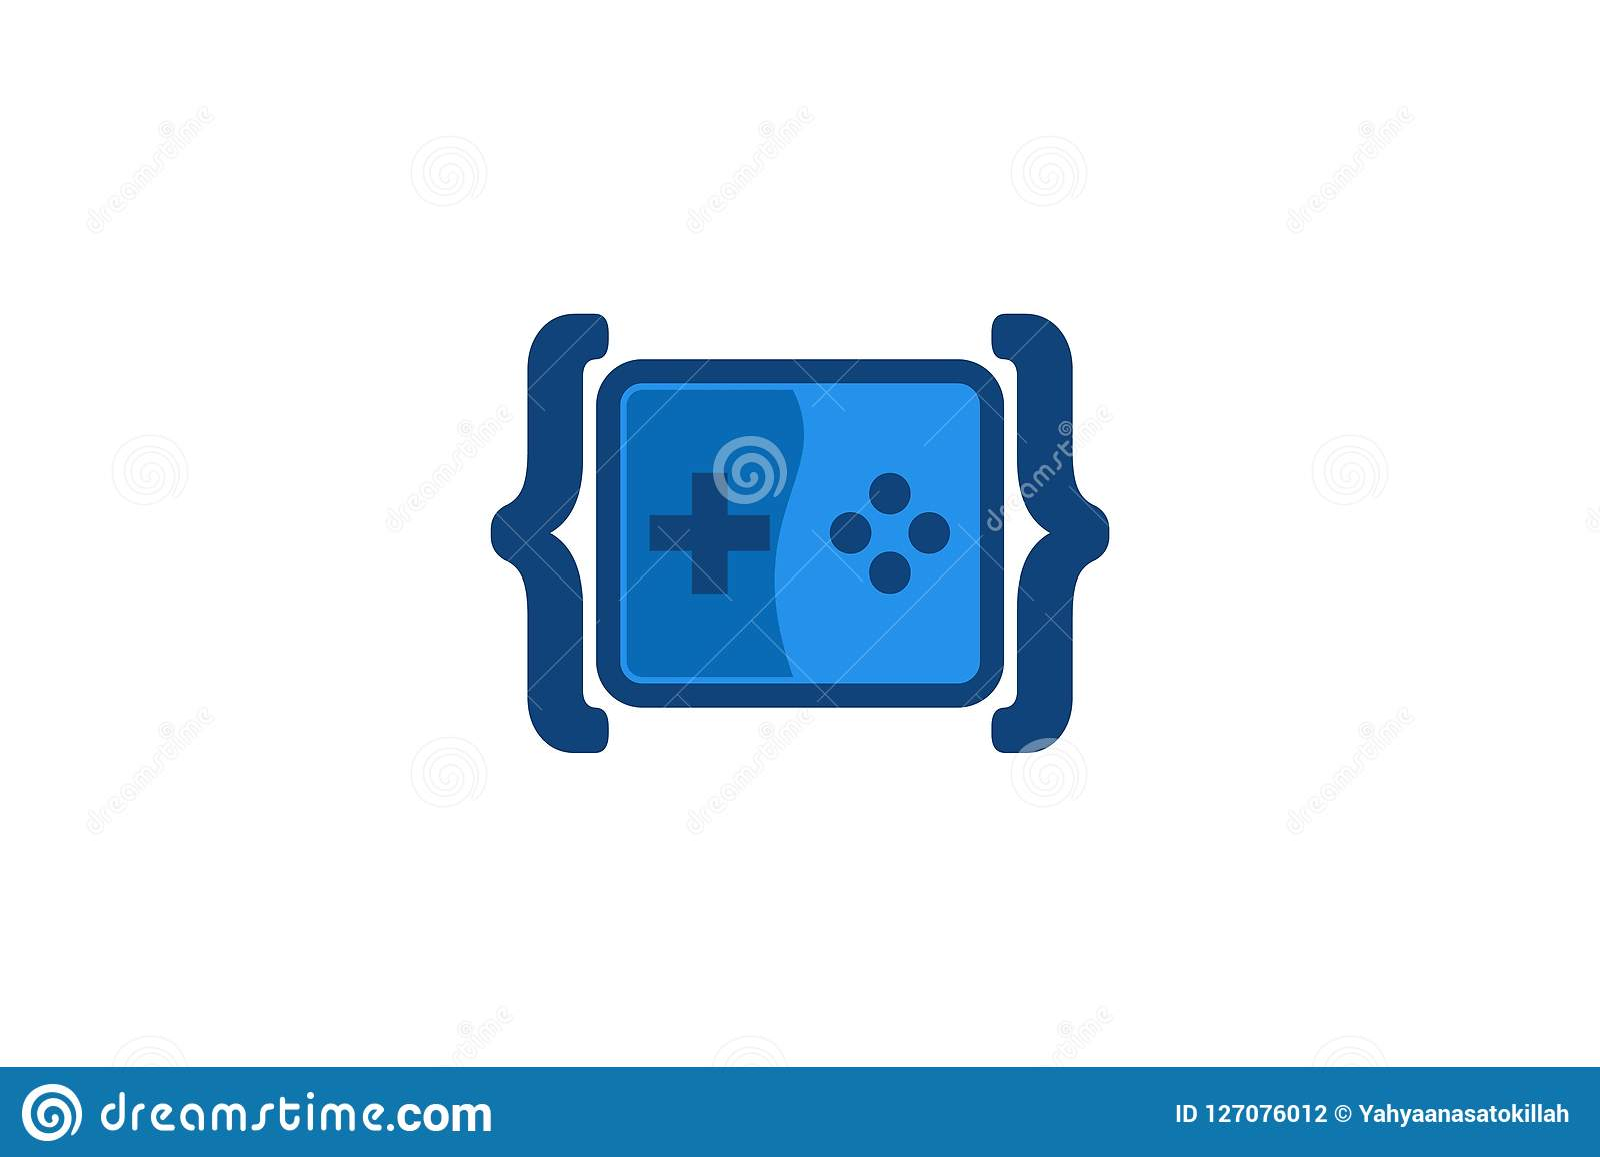 Kodieren Sie Spiel Logo Designs Inspiration, Vektor-Illustration